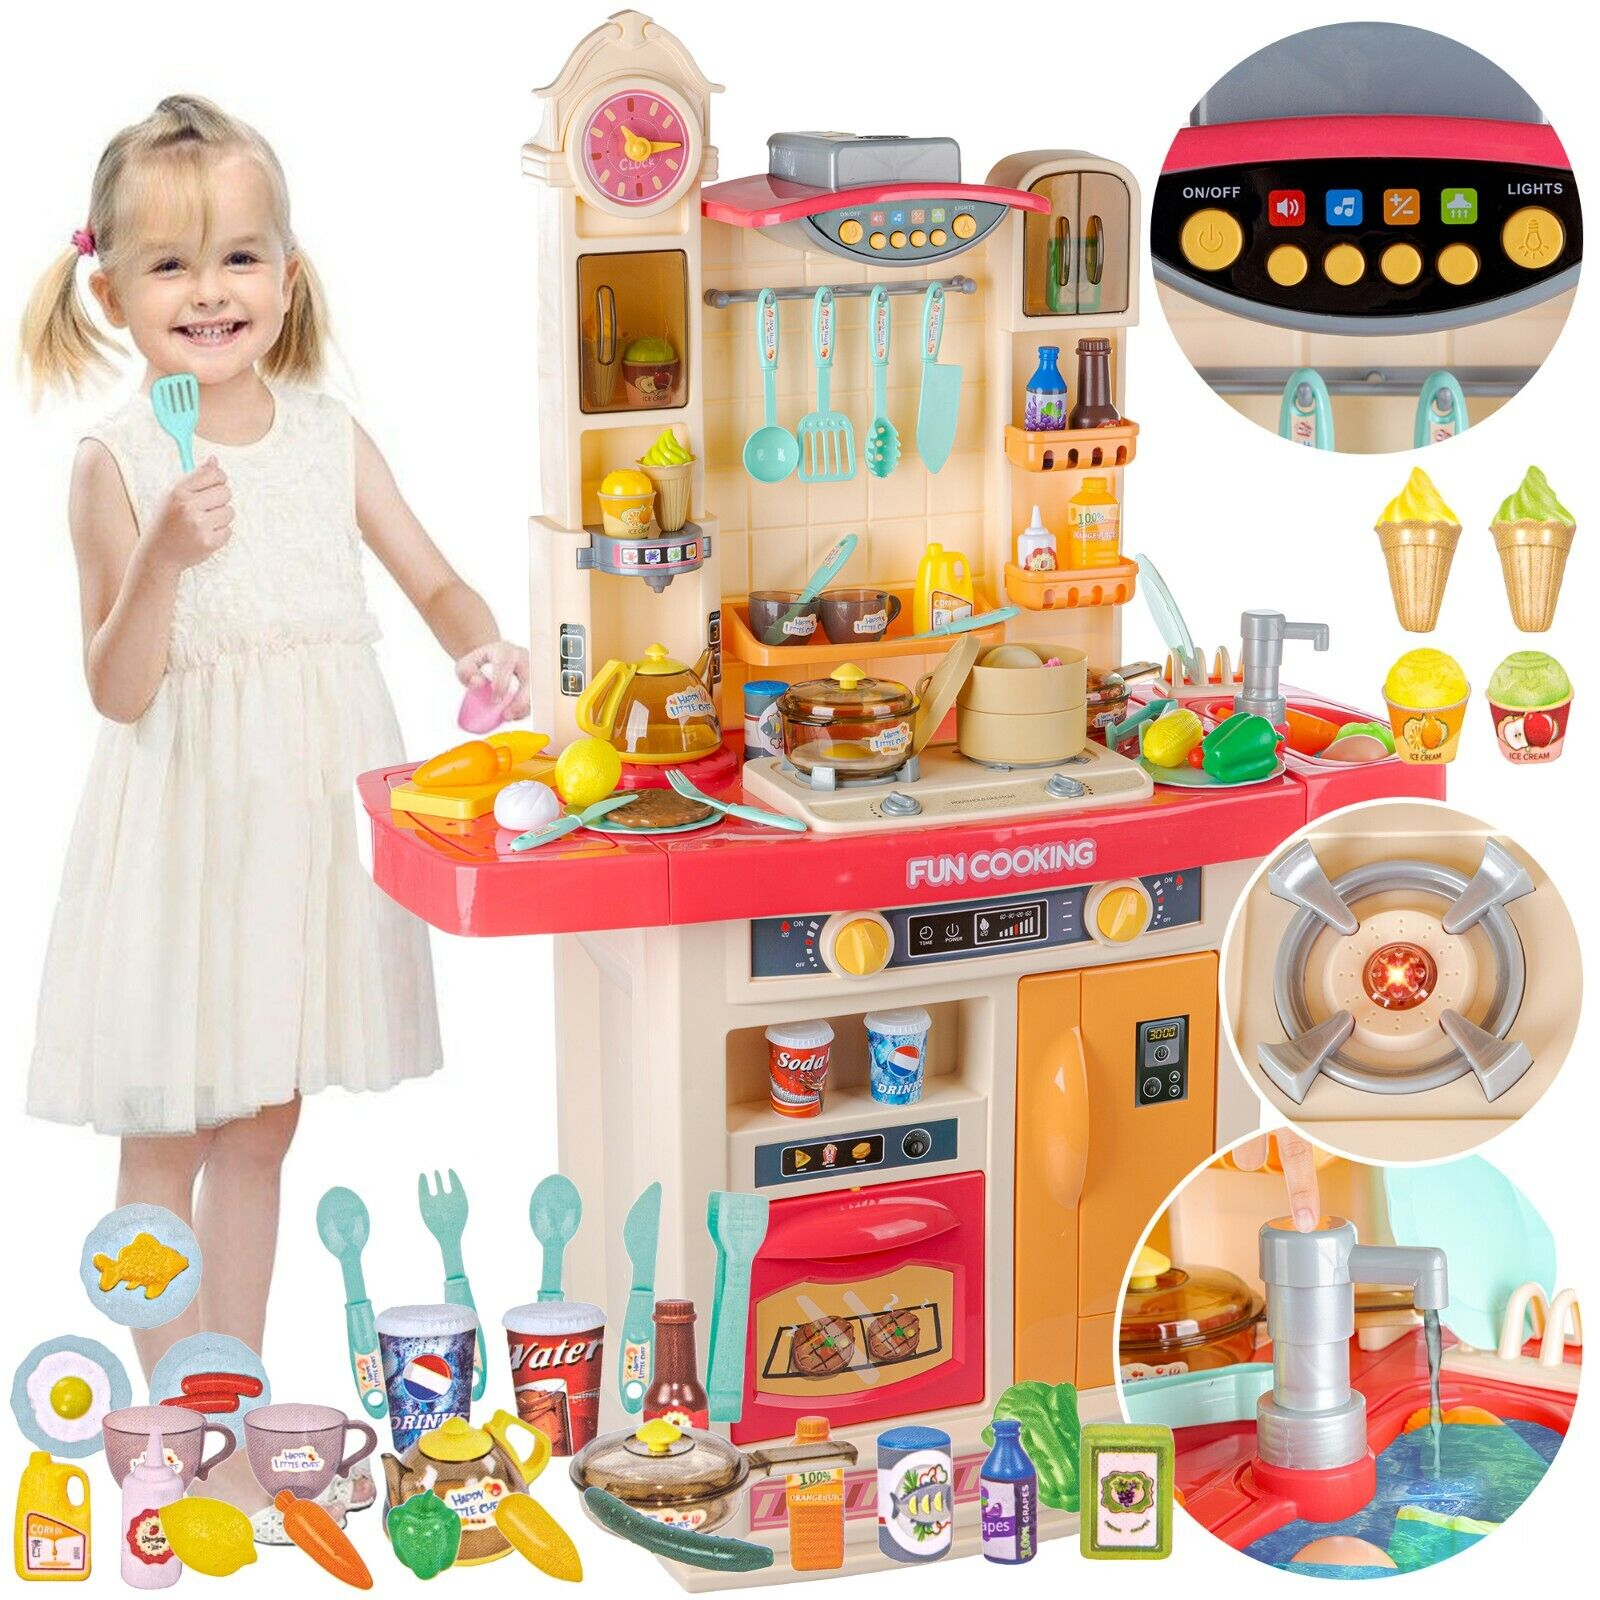 Kinderküche Spielküche Spielzeugküche Spielzeug für Kinder KP1723N Zubehörteile